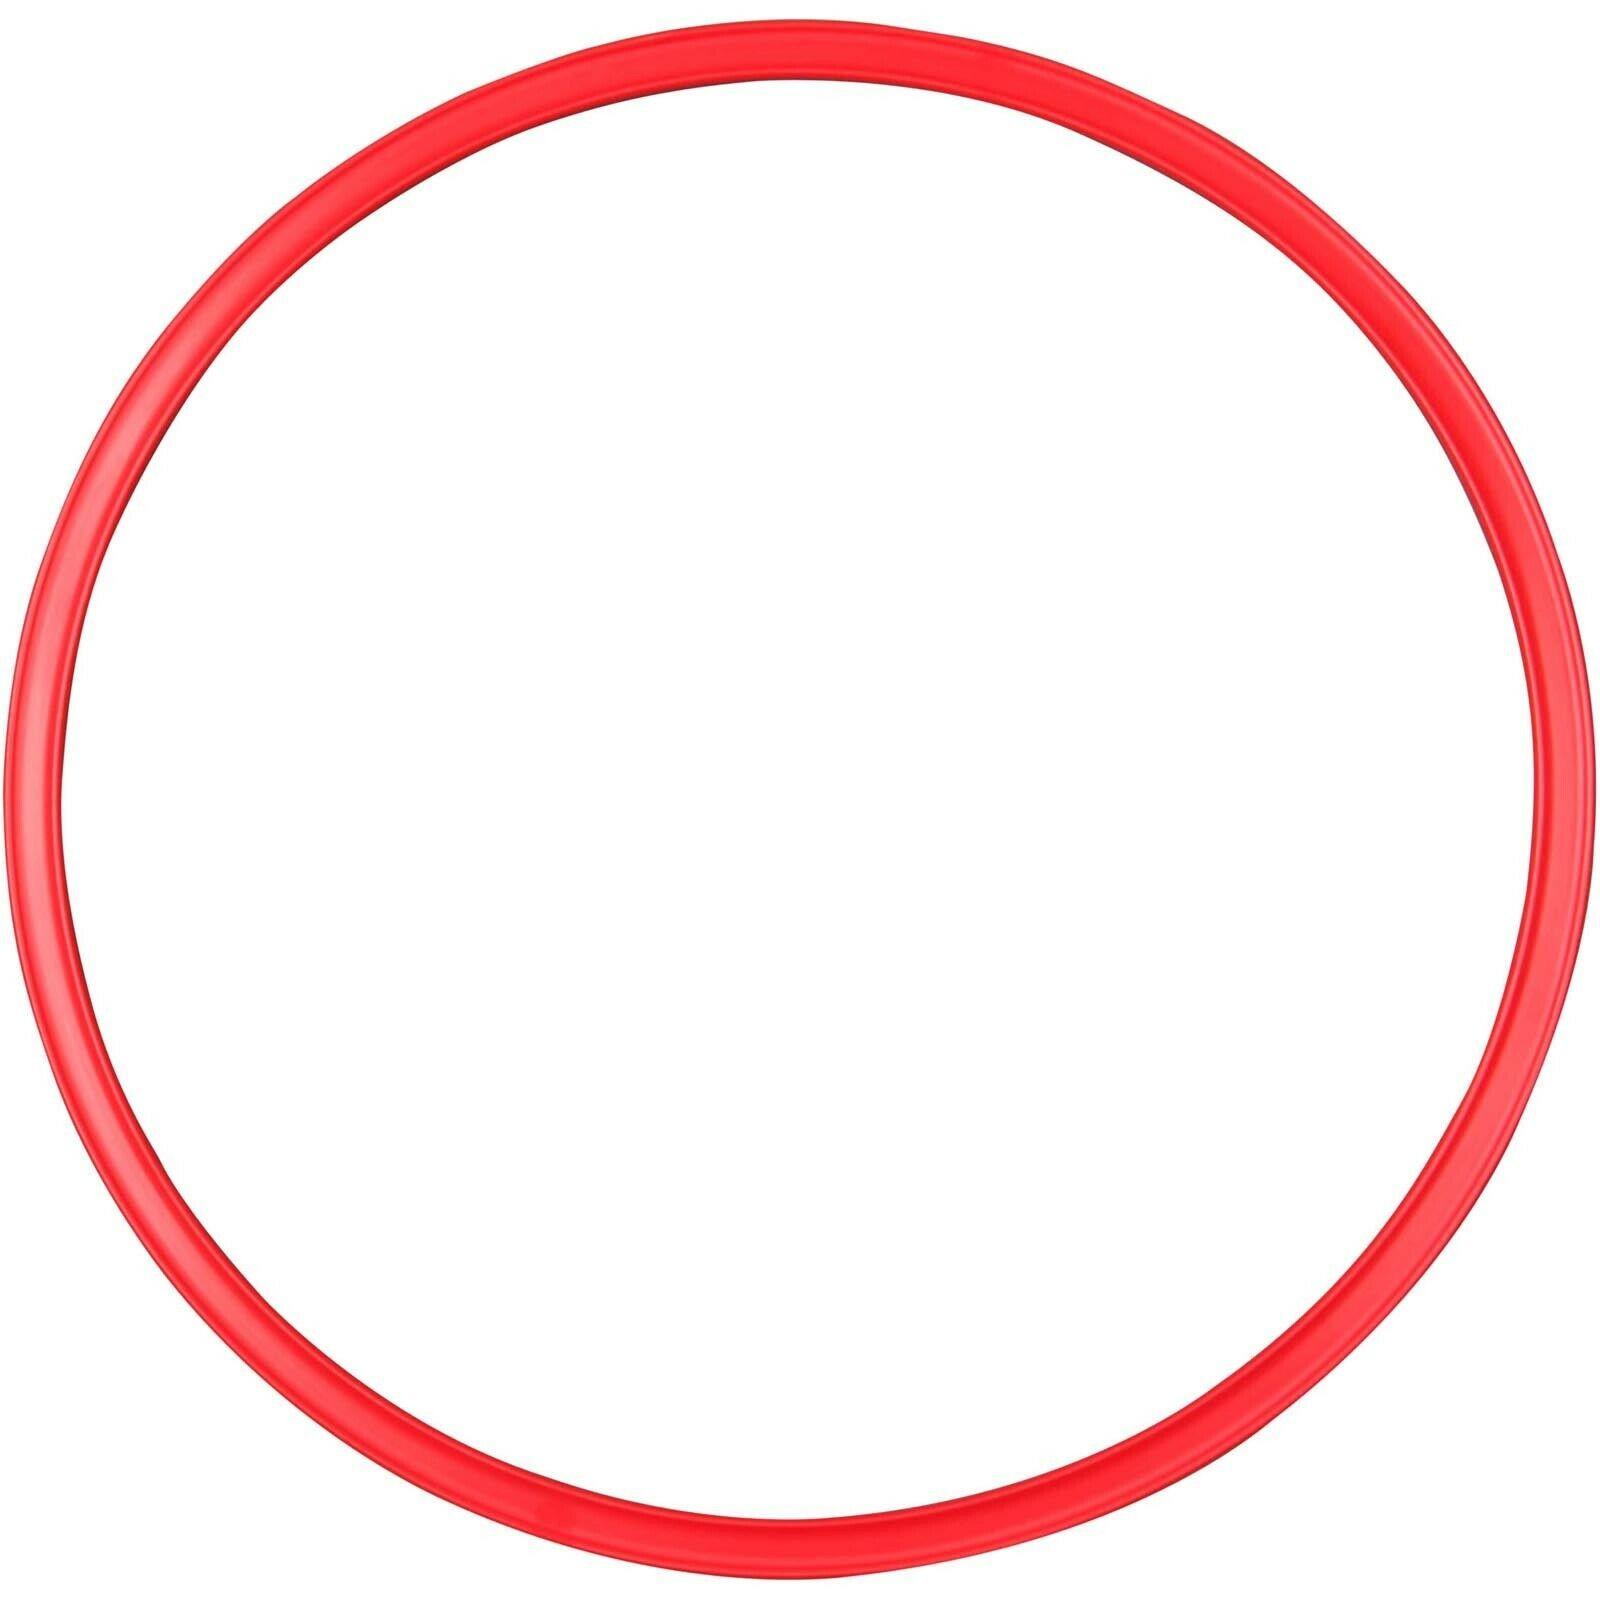 Sport 2000 Gymnastikreifen, Fitnessreifen, Reifen, rot Unisex 1081646